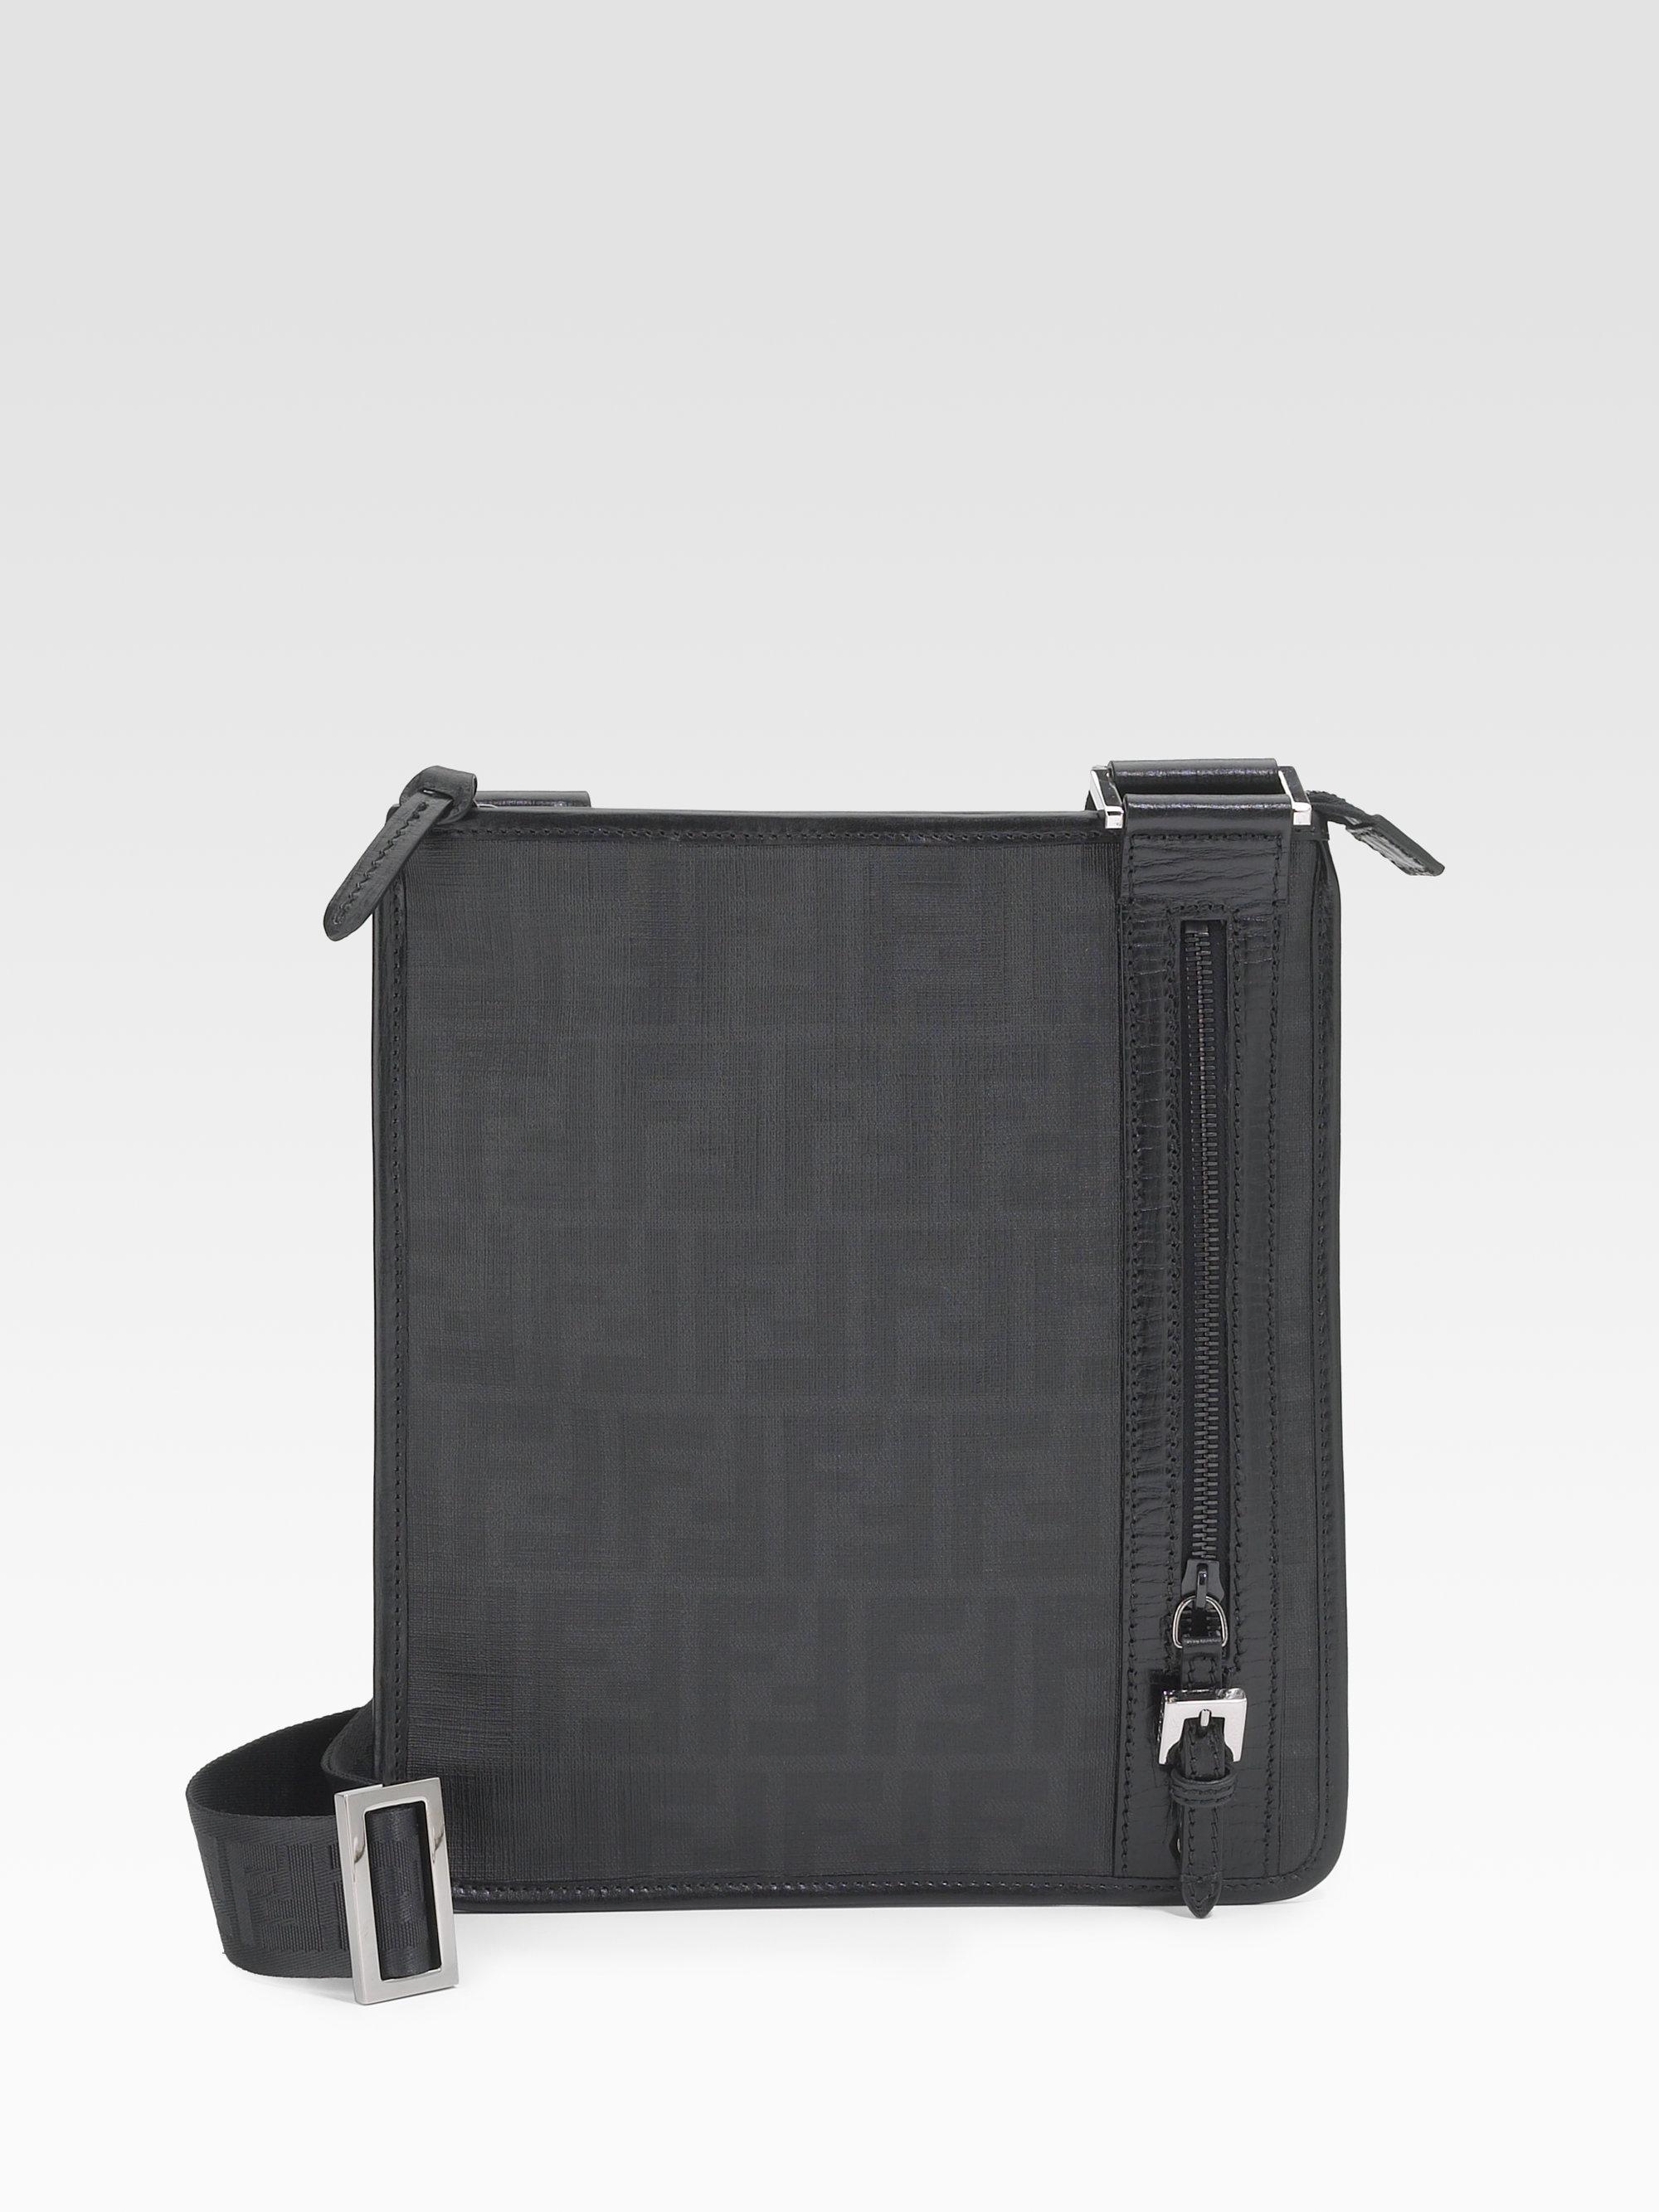 77a1596083 Lyst - Fendi Crossbody Messenger Bag in Black for Men